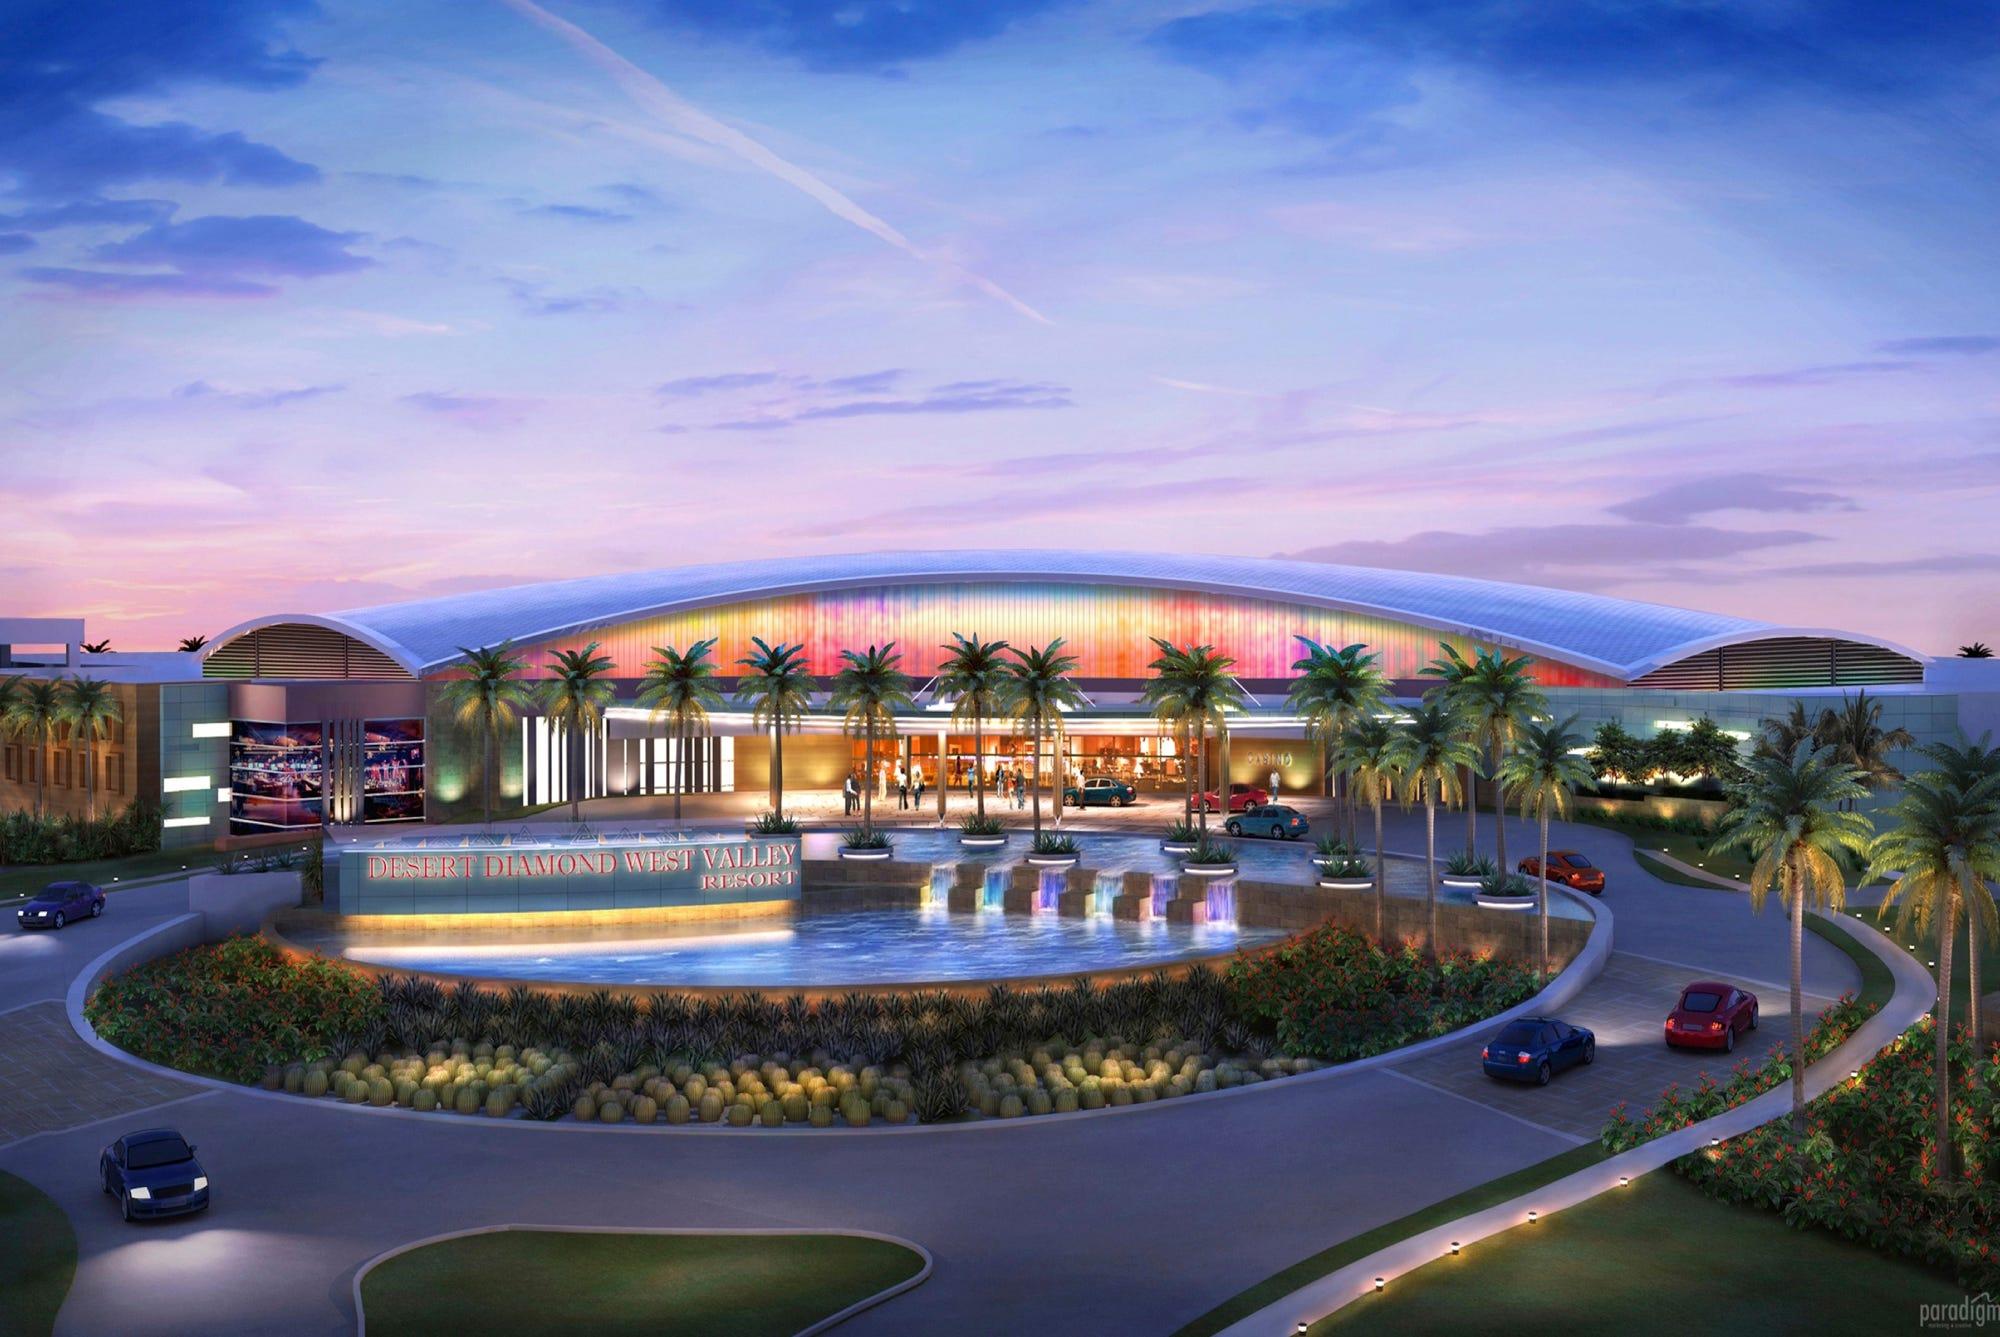 Tohono oodham casino highest casino payouts